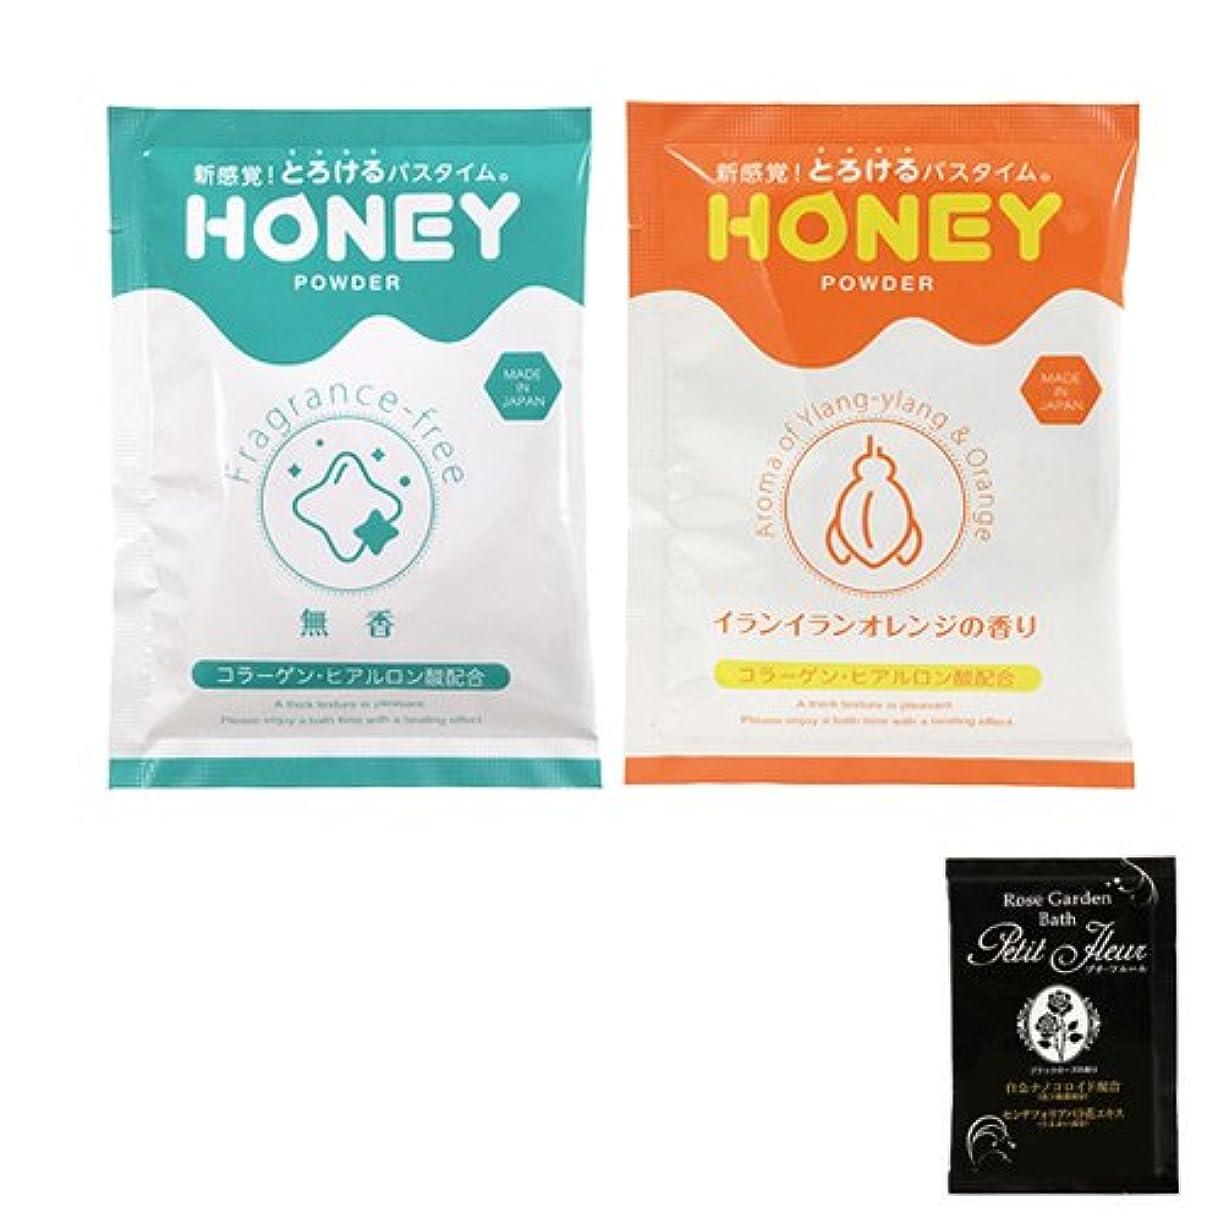 文明衰える平方とろとろ入浴剤【honey powder】粉末タイプ イランイランオレンジの香り + 無香 + 入浴剤(プチフルール)1回分